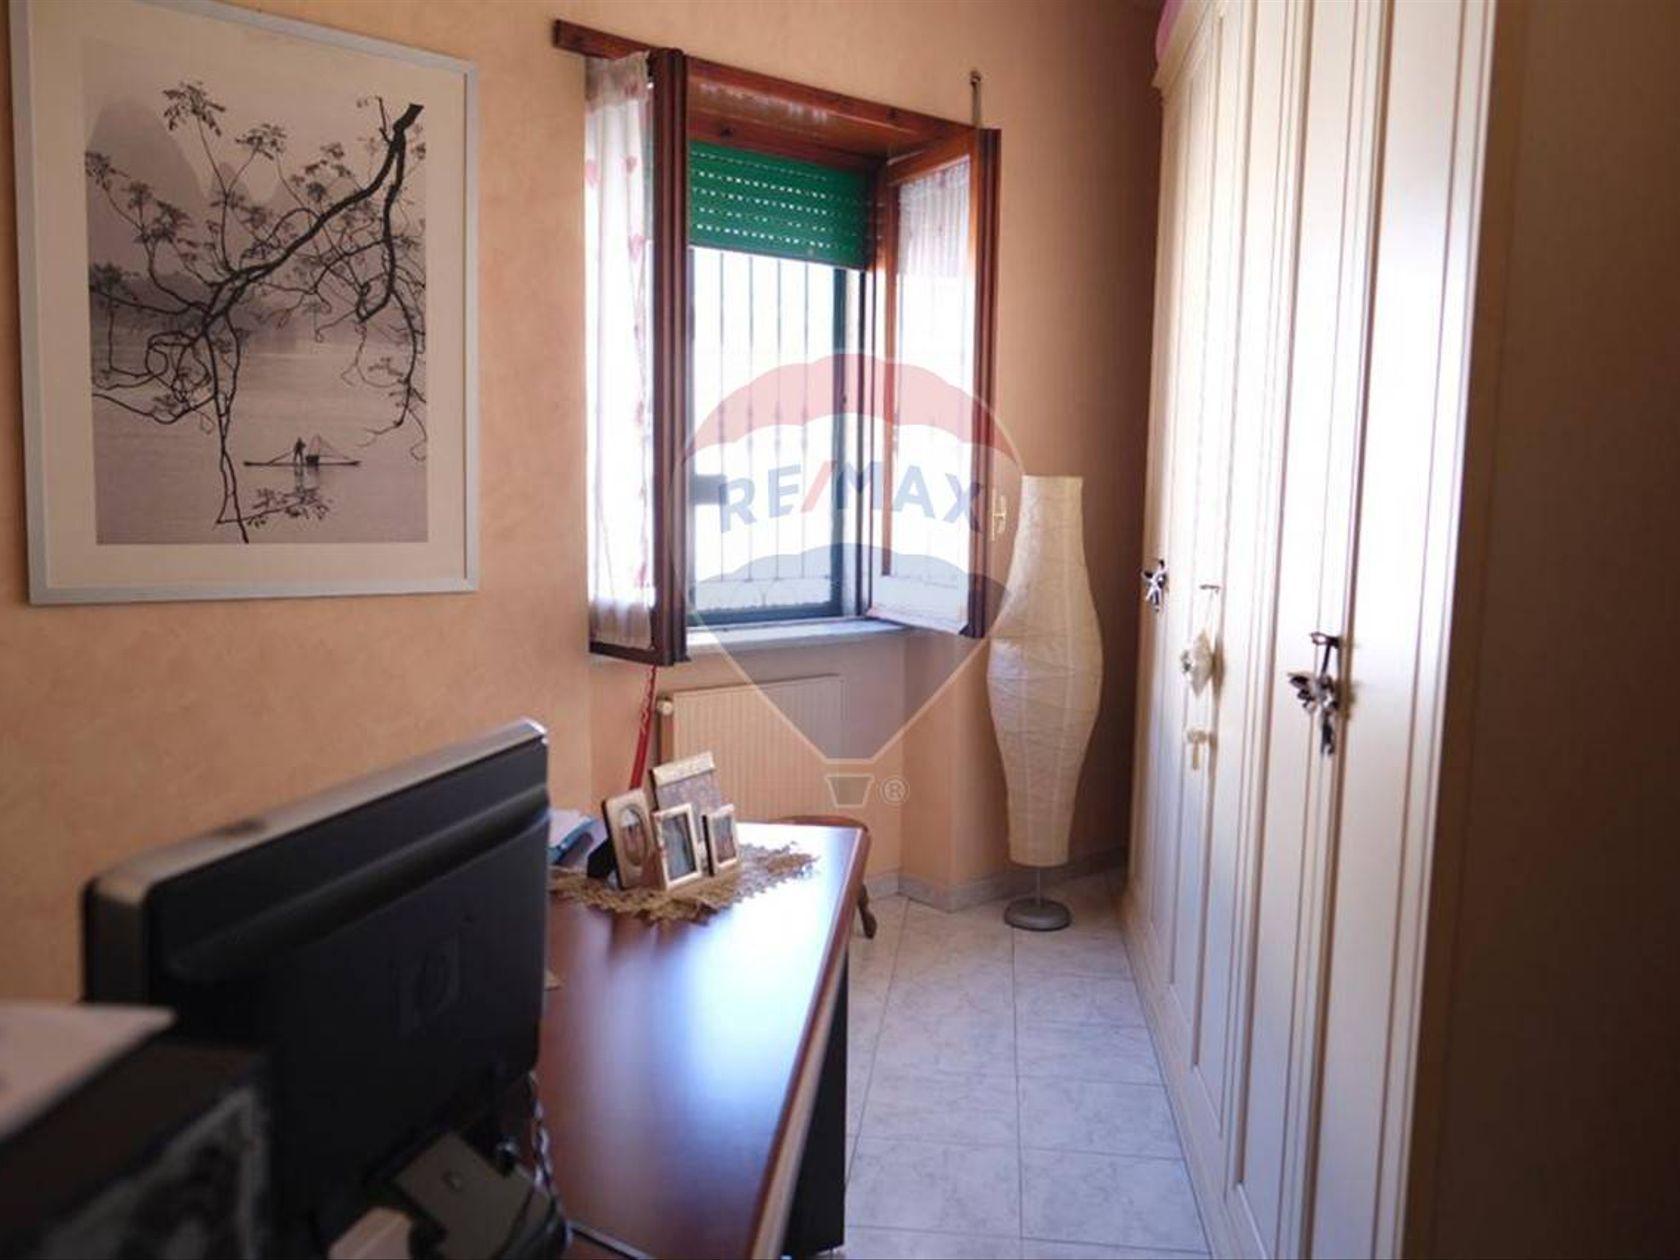 Casa Indipendente Zona stazione, Aversa, CE Vendita - Foto 17